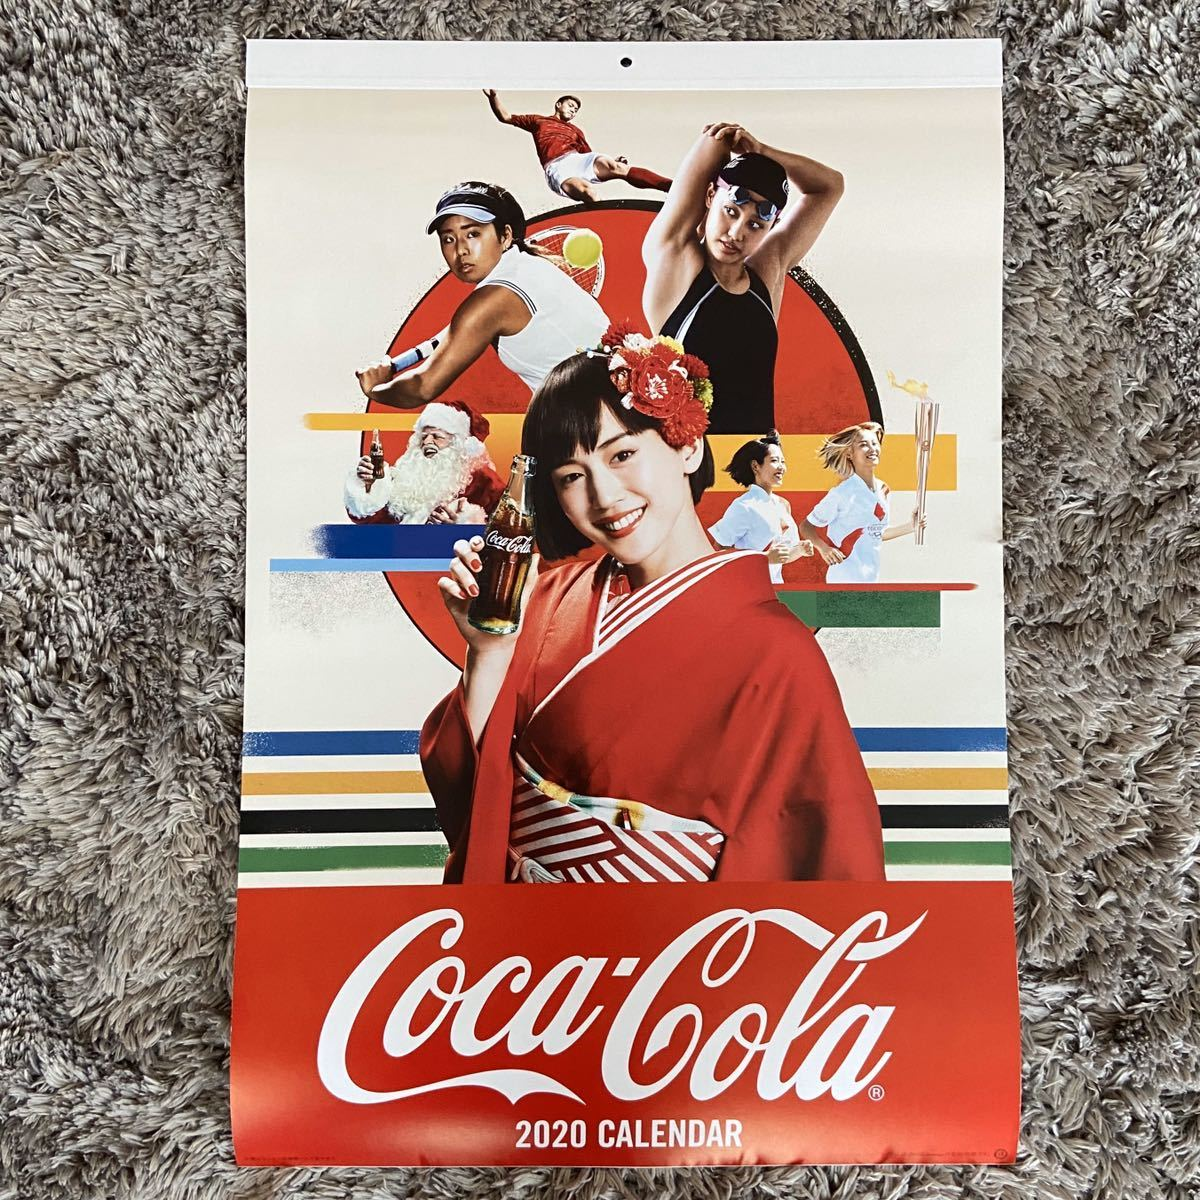 Coca-Cola★コカコーラ★2020年★令和2年★壁掛けカレンダー★綾瀬はるか★スポーツ選手★縦54cm×横36.5cm★未使用・オリンピック_画像1